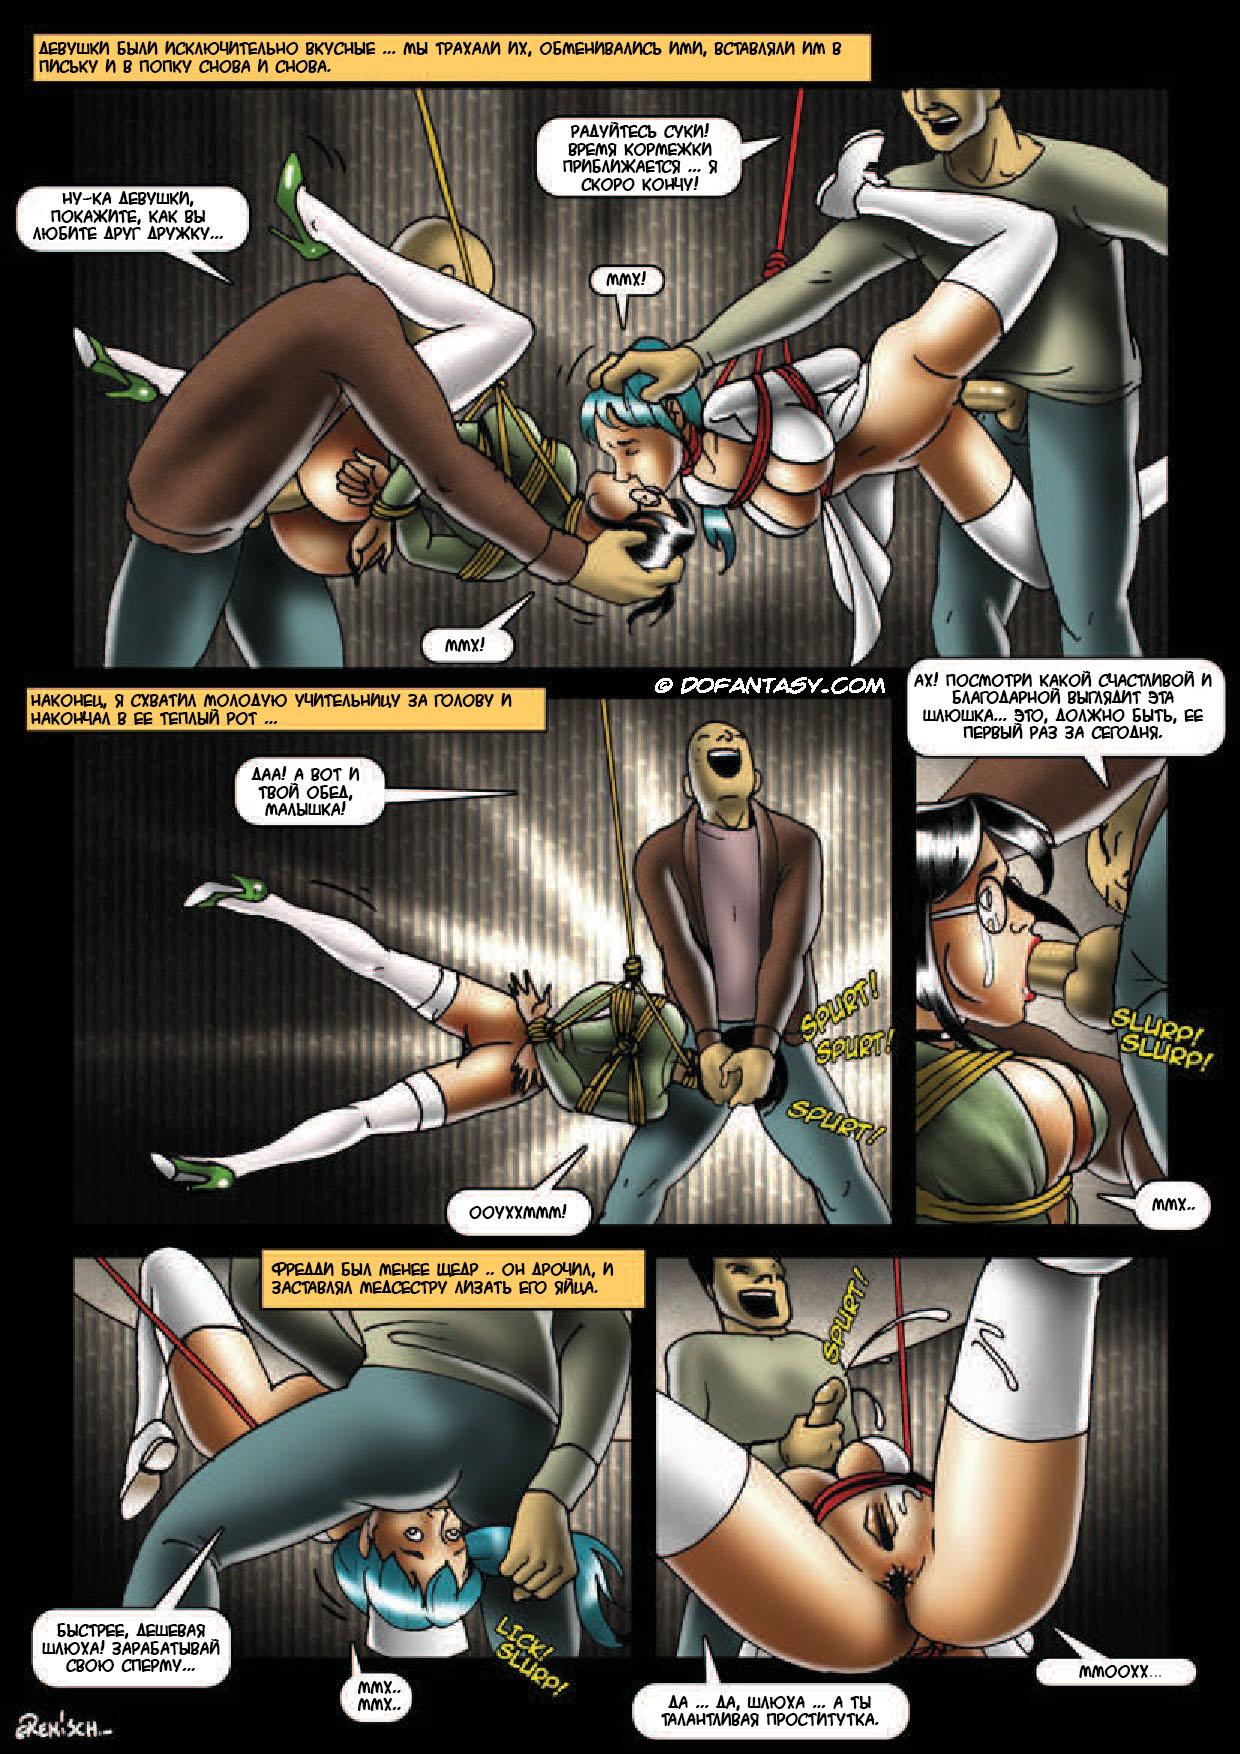 Ярмарка рабынь 2 комикс 21 фотография